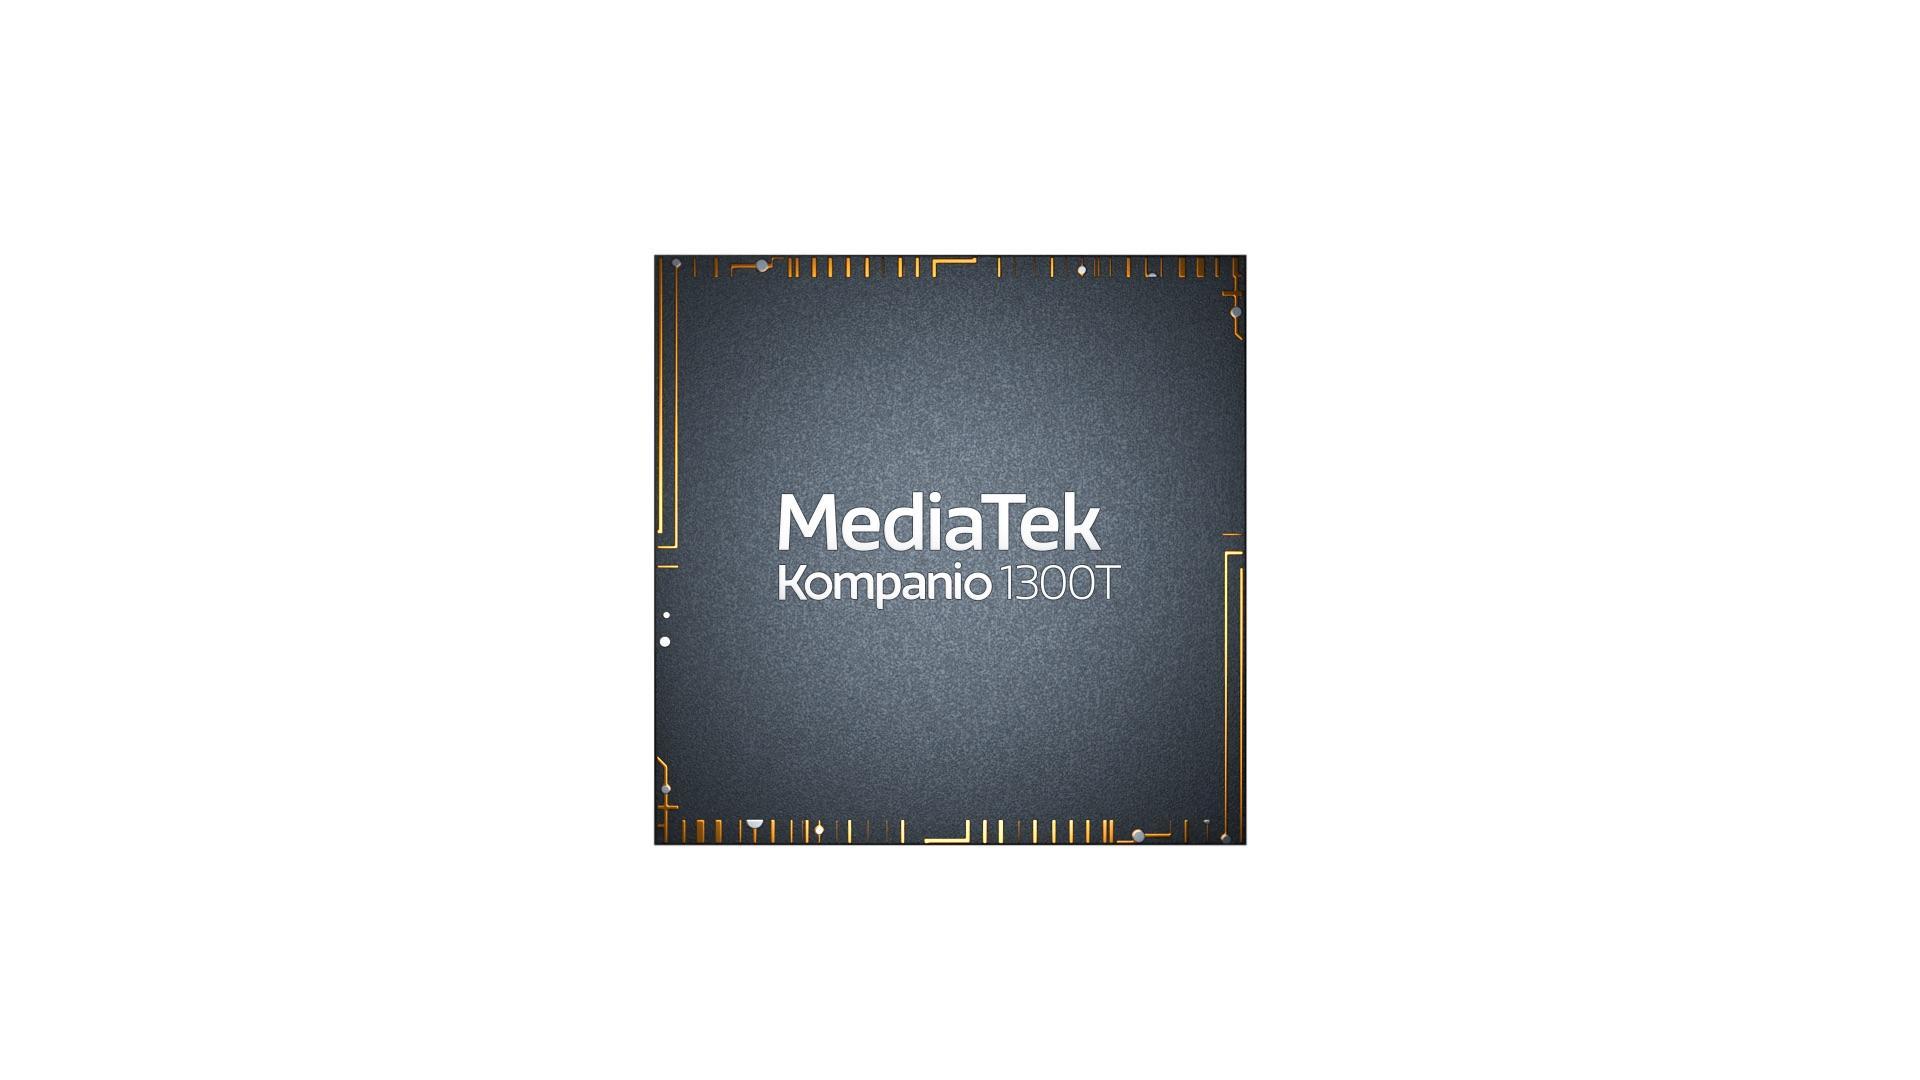 MediaTek ra mắt nền tảng Kompanio 1300T cho máy tính bảng